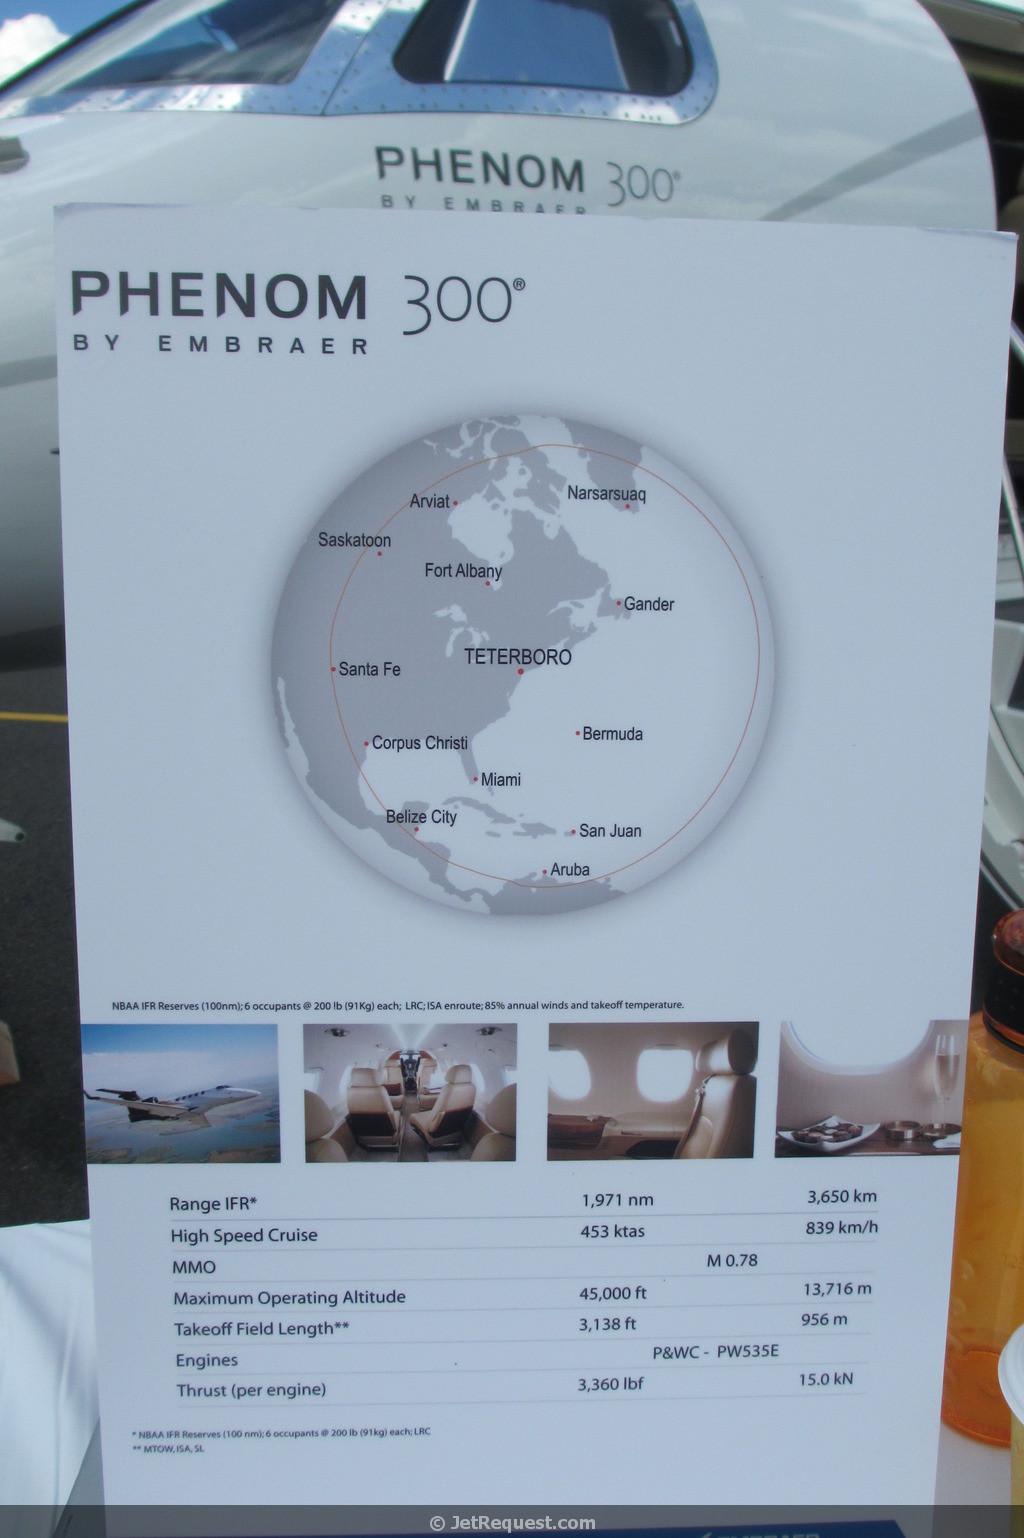 Phenom 300 Picture